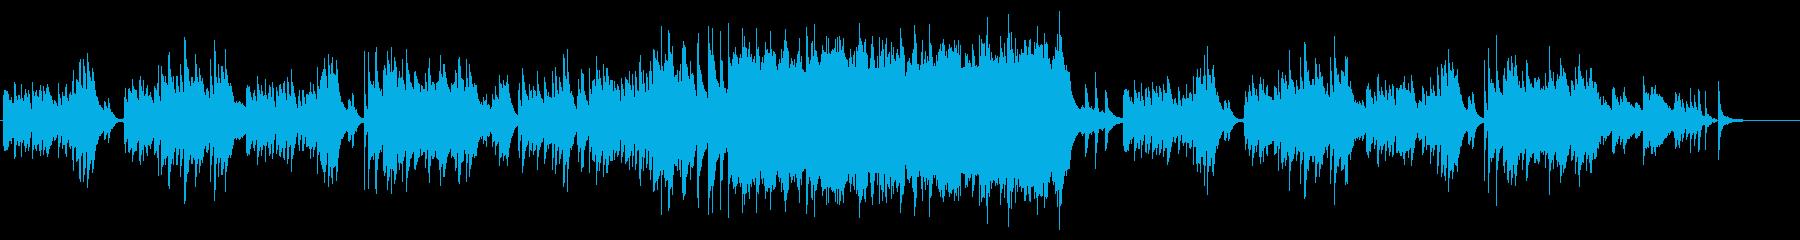 幻想的でドラマチックなピアノ曲の再生済みの波形